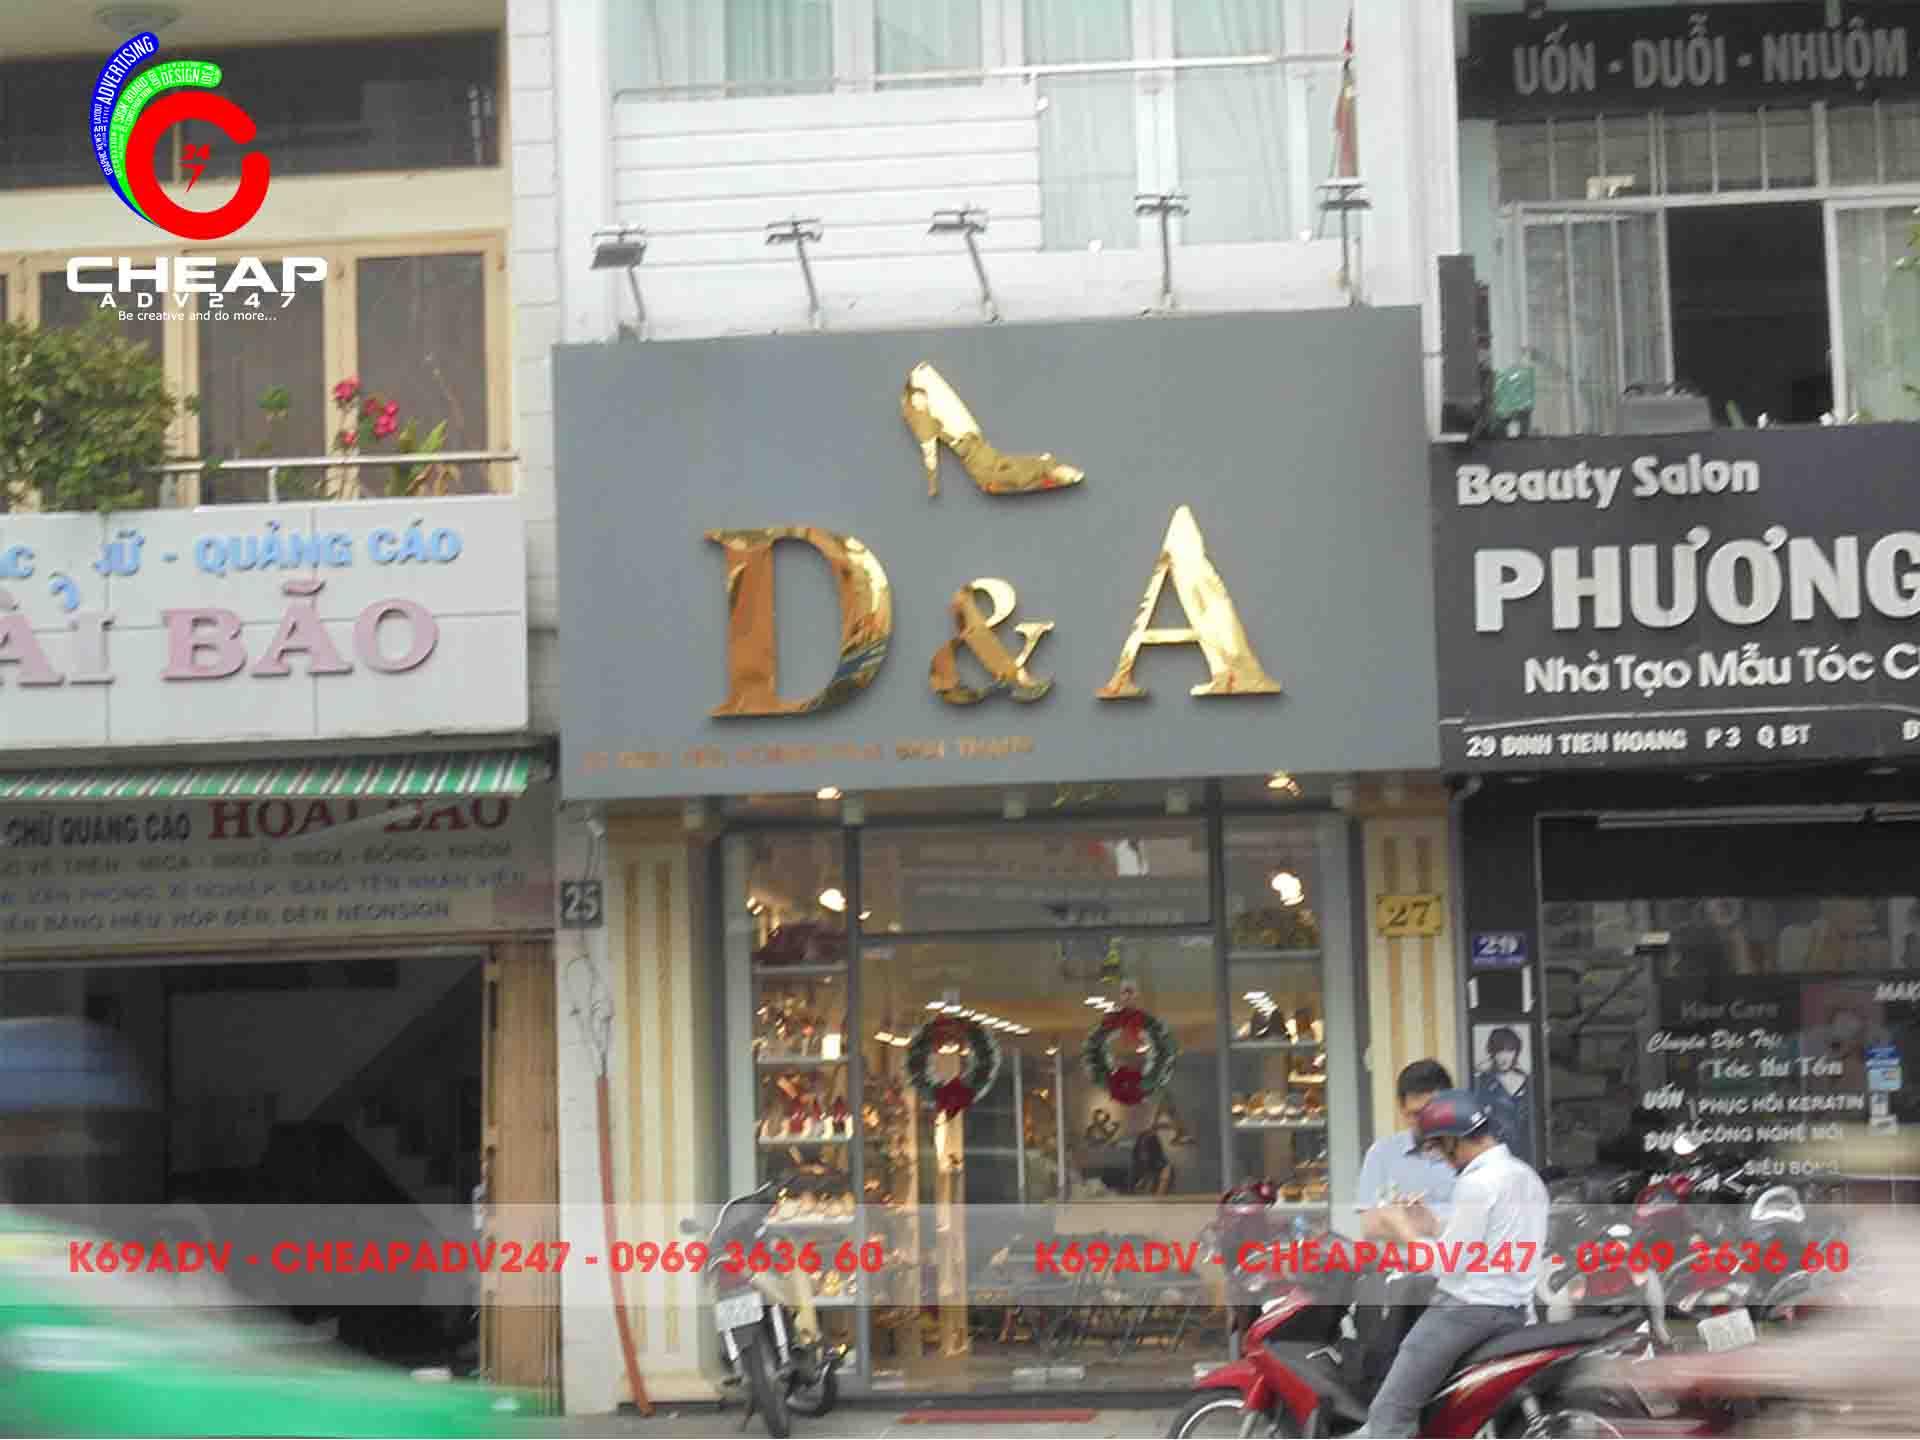 lam bang hieu shop cheapadv2472 2